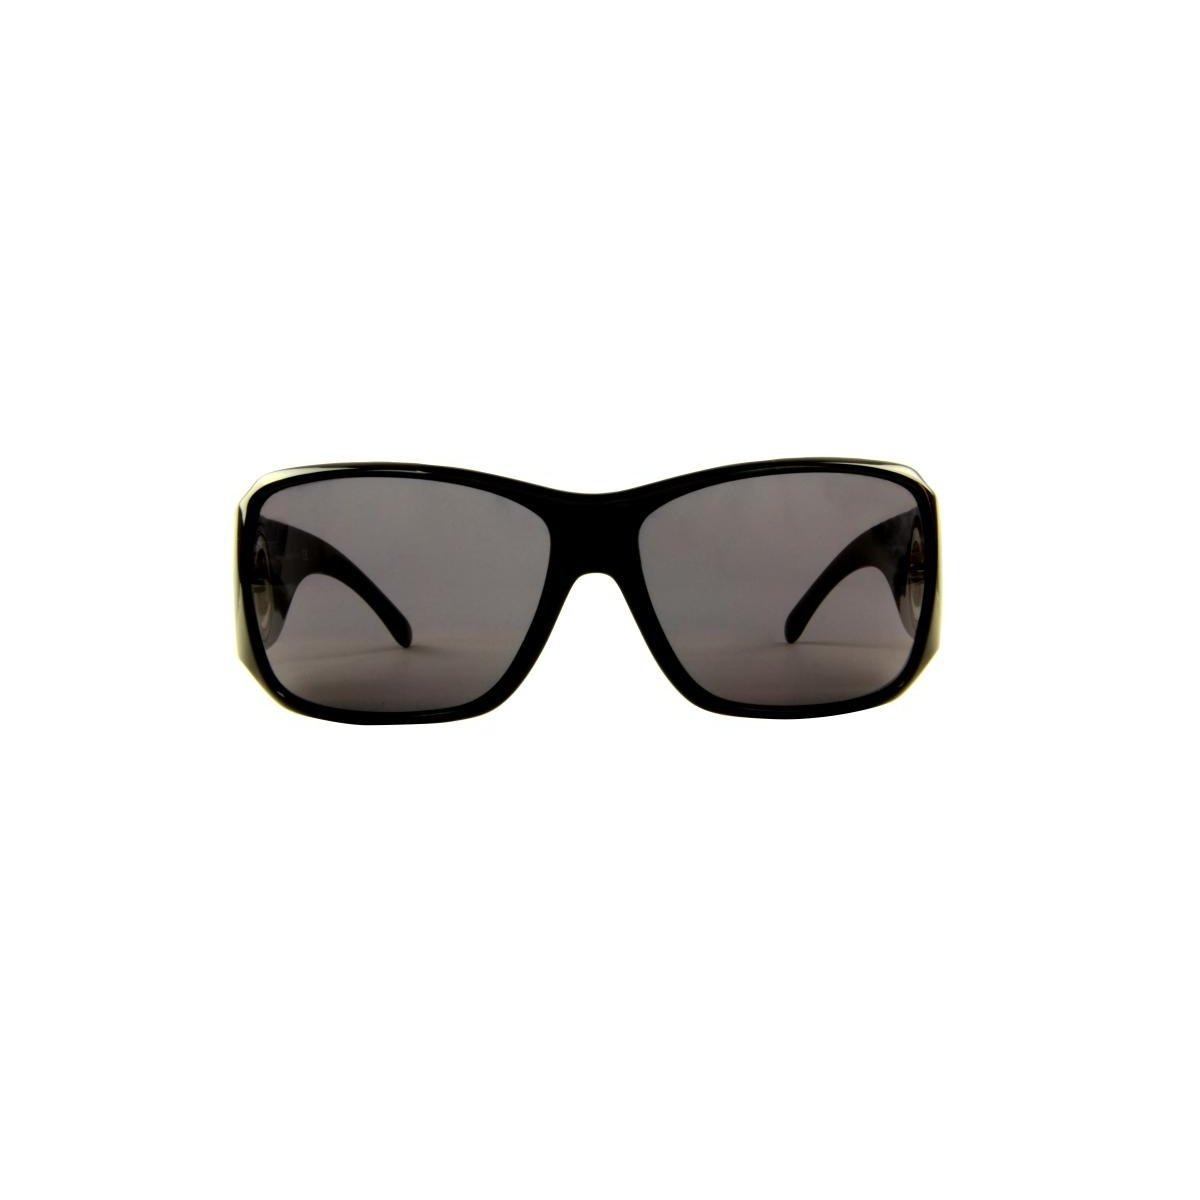 Óculos de Sol Gucci 100% Proteção U.V. Ópticas Melani - Compre Agora ... 3a72bdedad